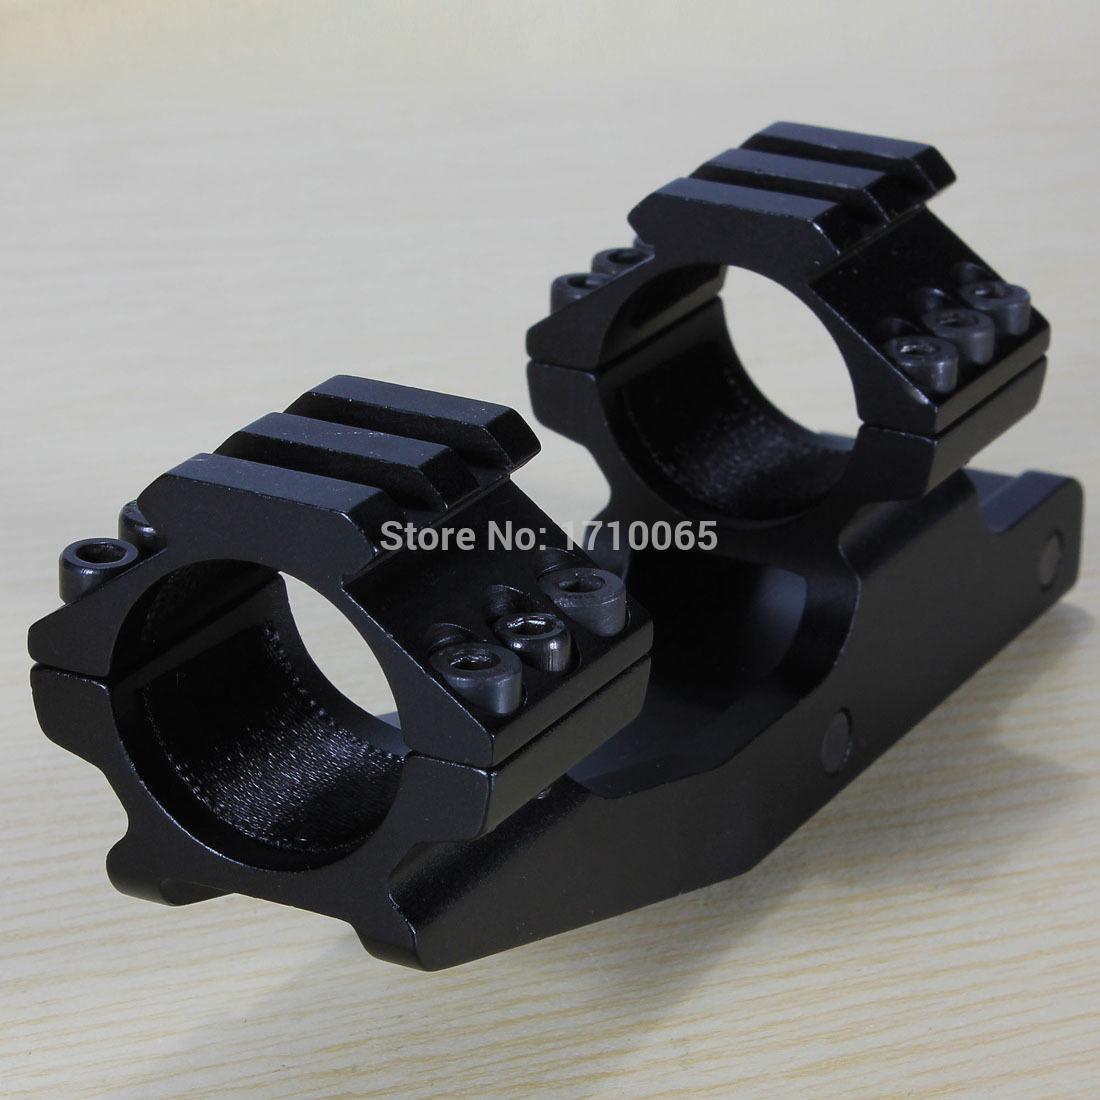 Установка оптического прицела Brand New 1 1 cantilever scope mount